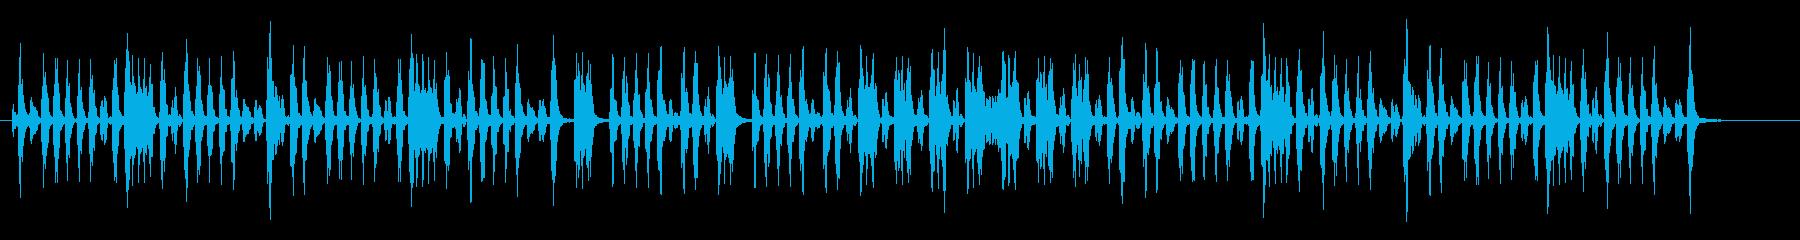 幻想的なテクノポップミュージックの再生済みの波形